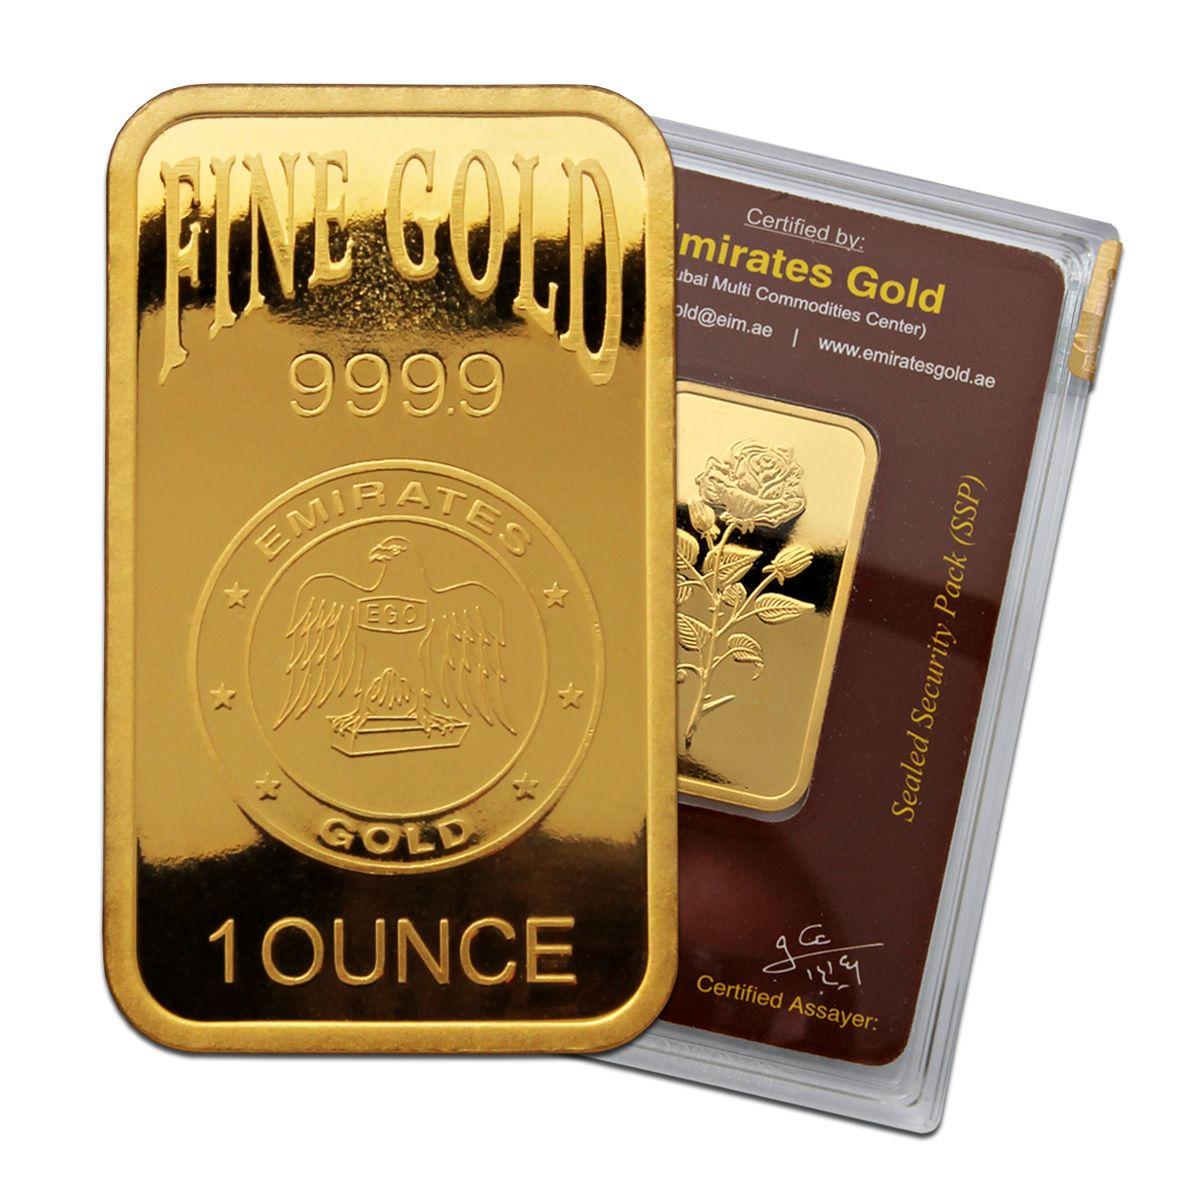 اسعار سبائك الذهب في الامارات Gold Investments Gold Gold Price